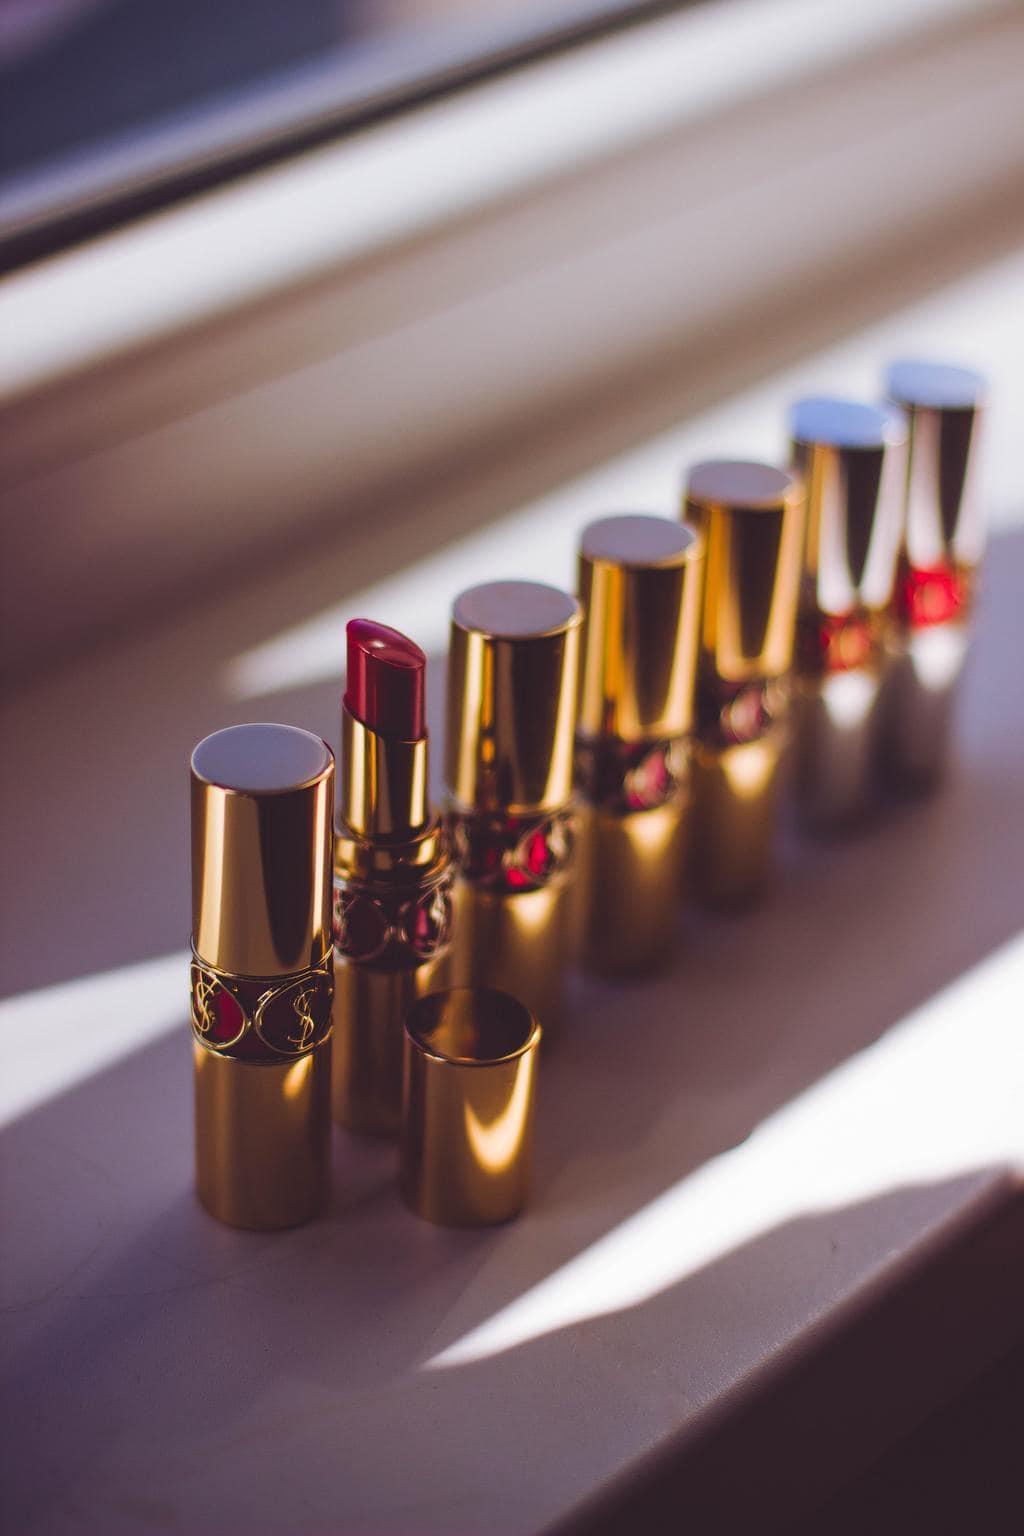 Lipsticks-ysl-red